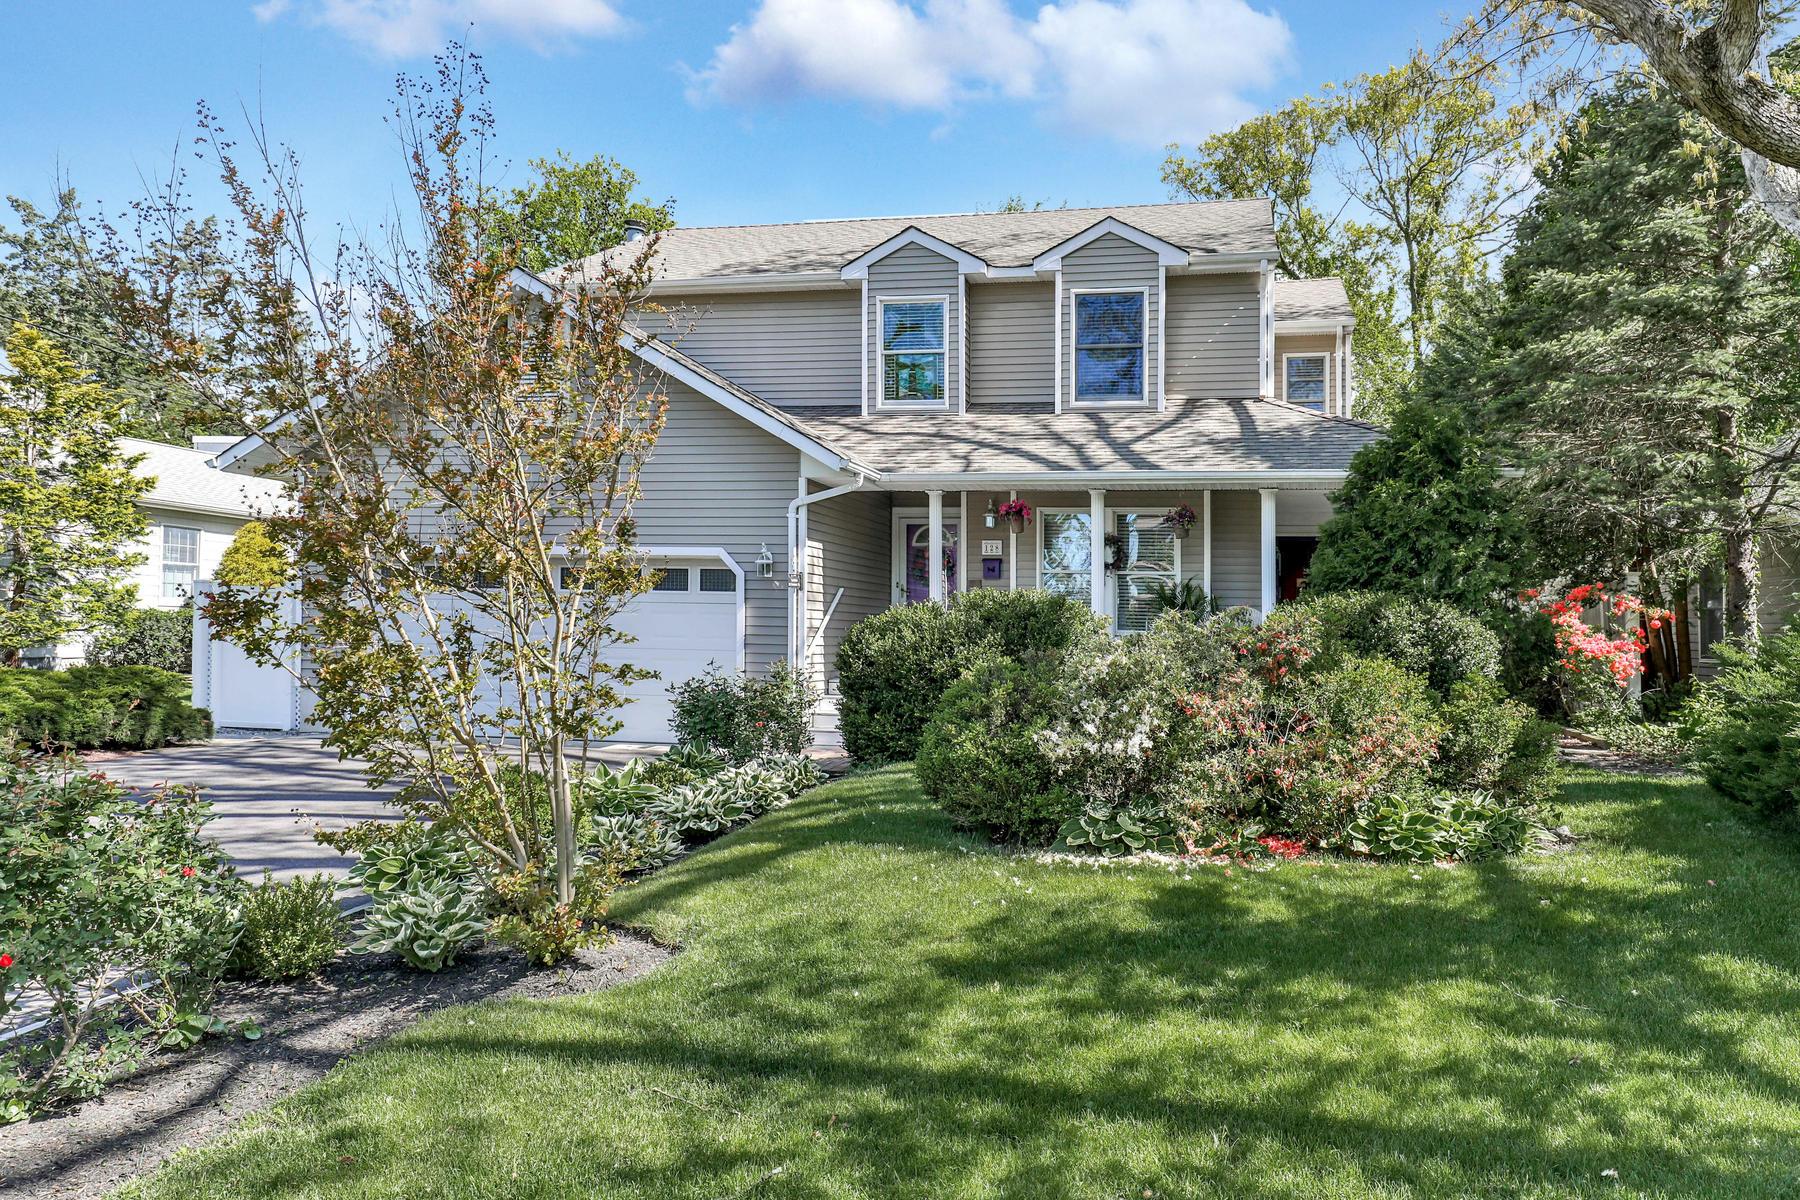 Частный односемейный дом для того Продажа на Located In The Wonderful Cranmoor Section 128 Cranmoor Drive Toms River, Нью-Джерси 08753 Соединенные Штаты